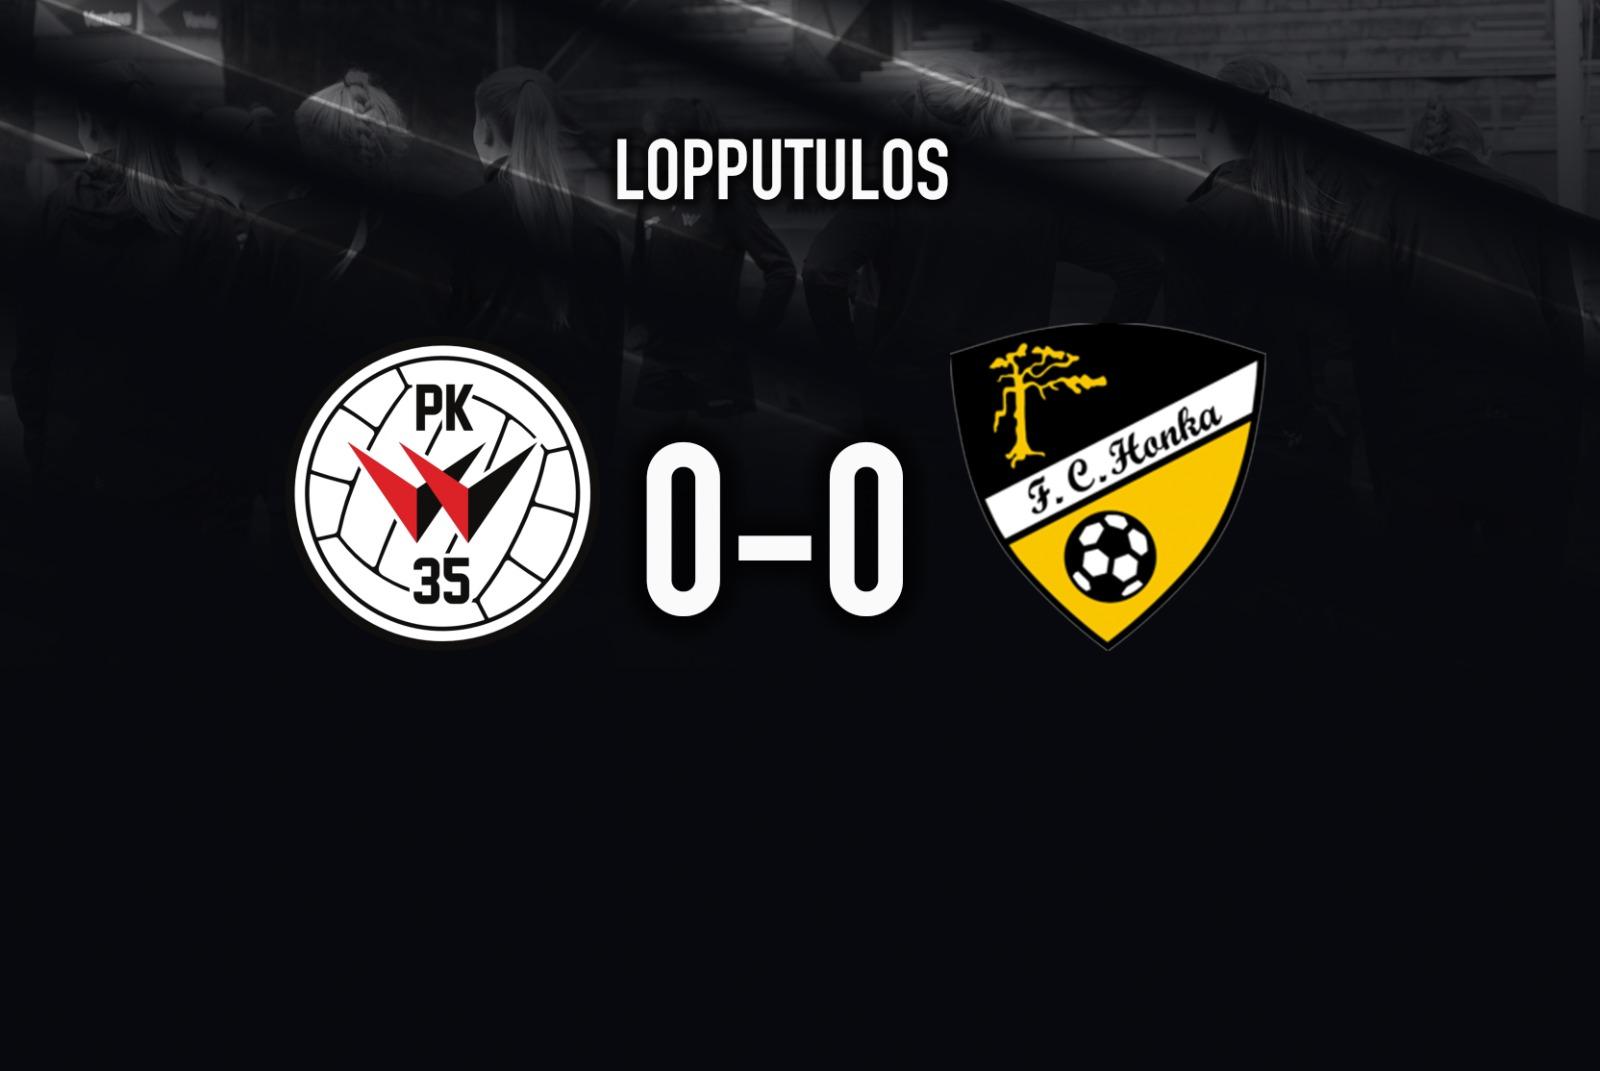 PK-35 Vantaa Ja FC Honka Maalittomaan Pistejakoon